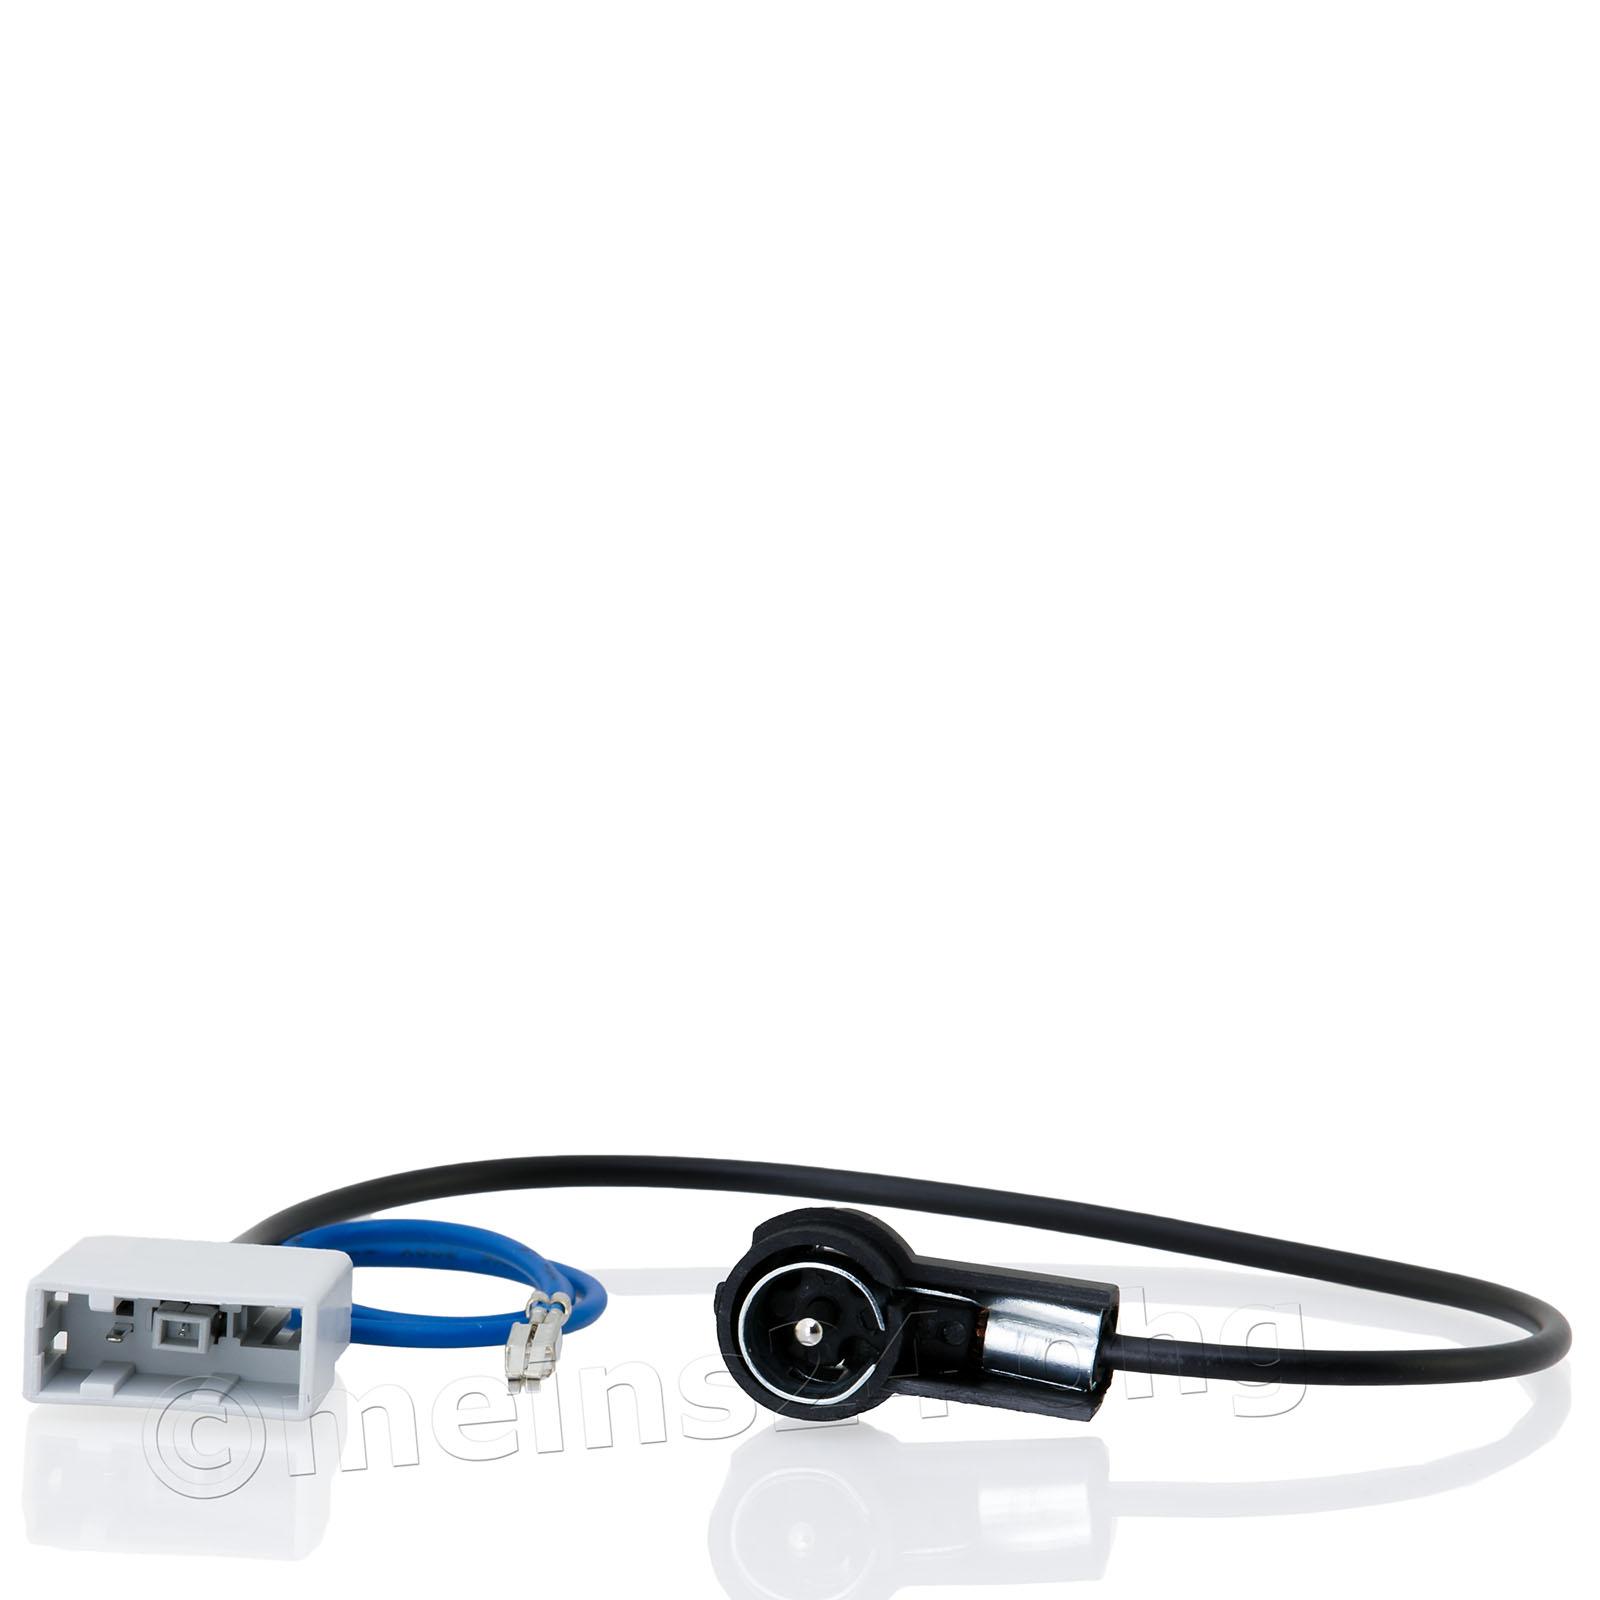 Antennenadapter passend für NISSAN ab Bj.07 GT13 (f) -> ISO (m) 50 Ohm